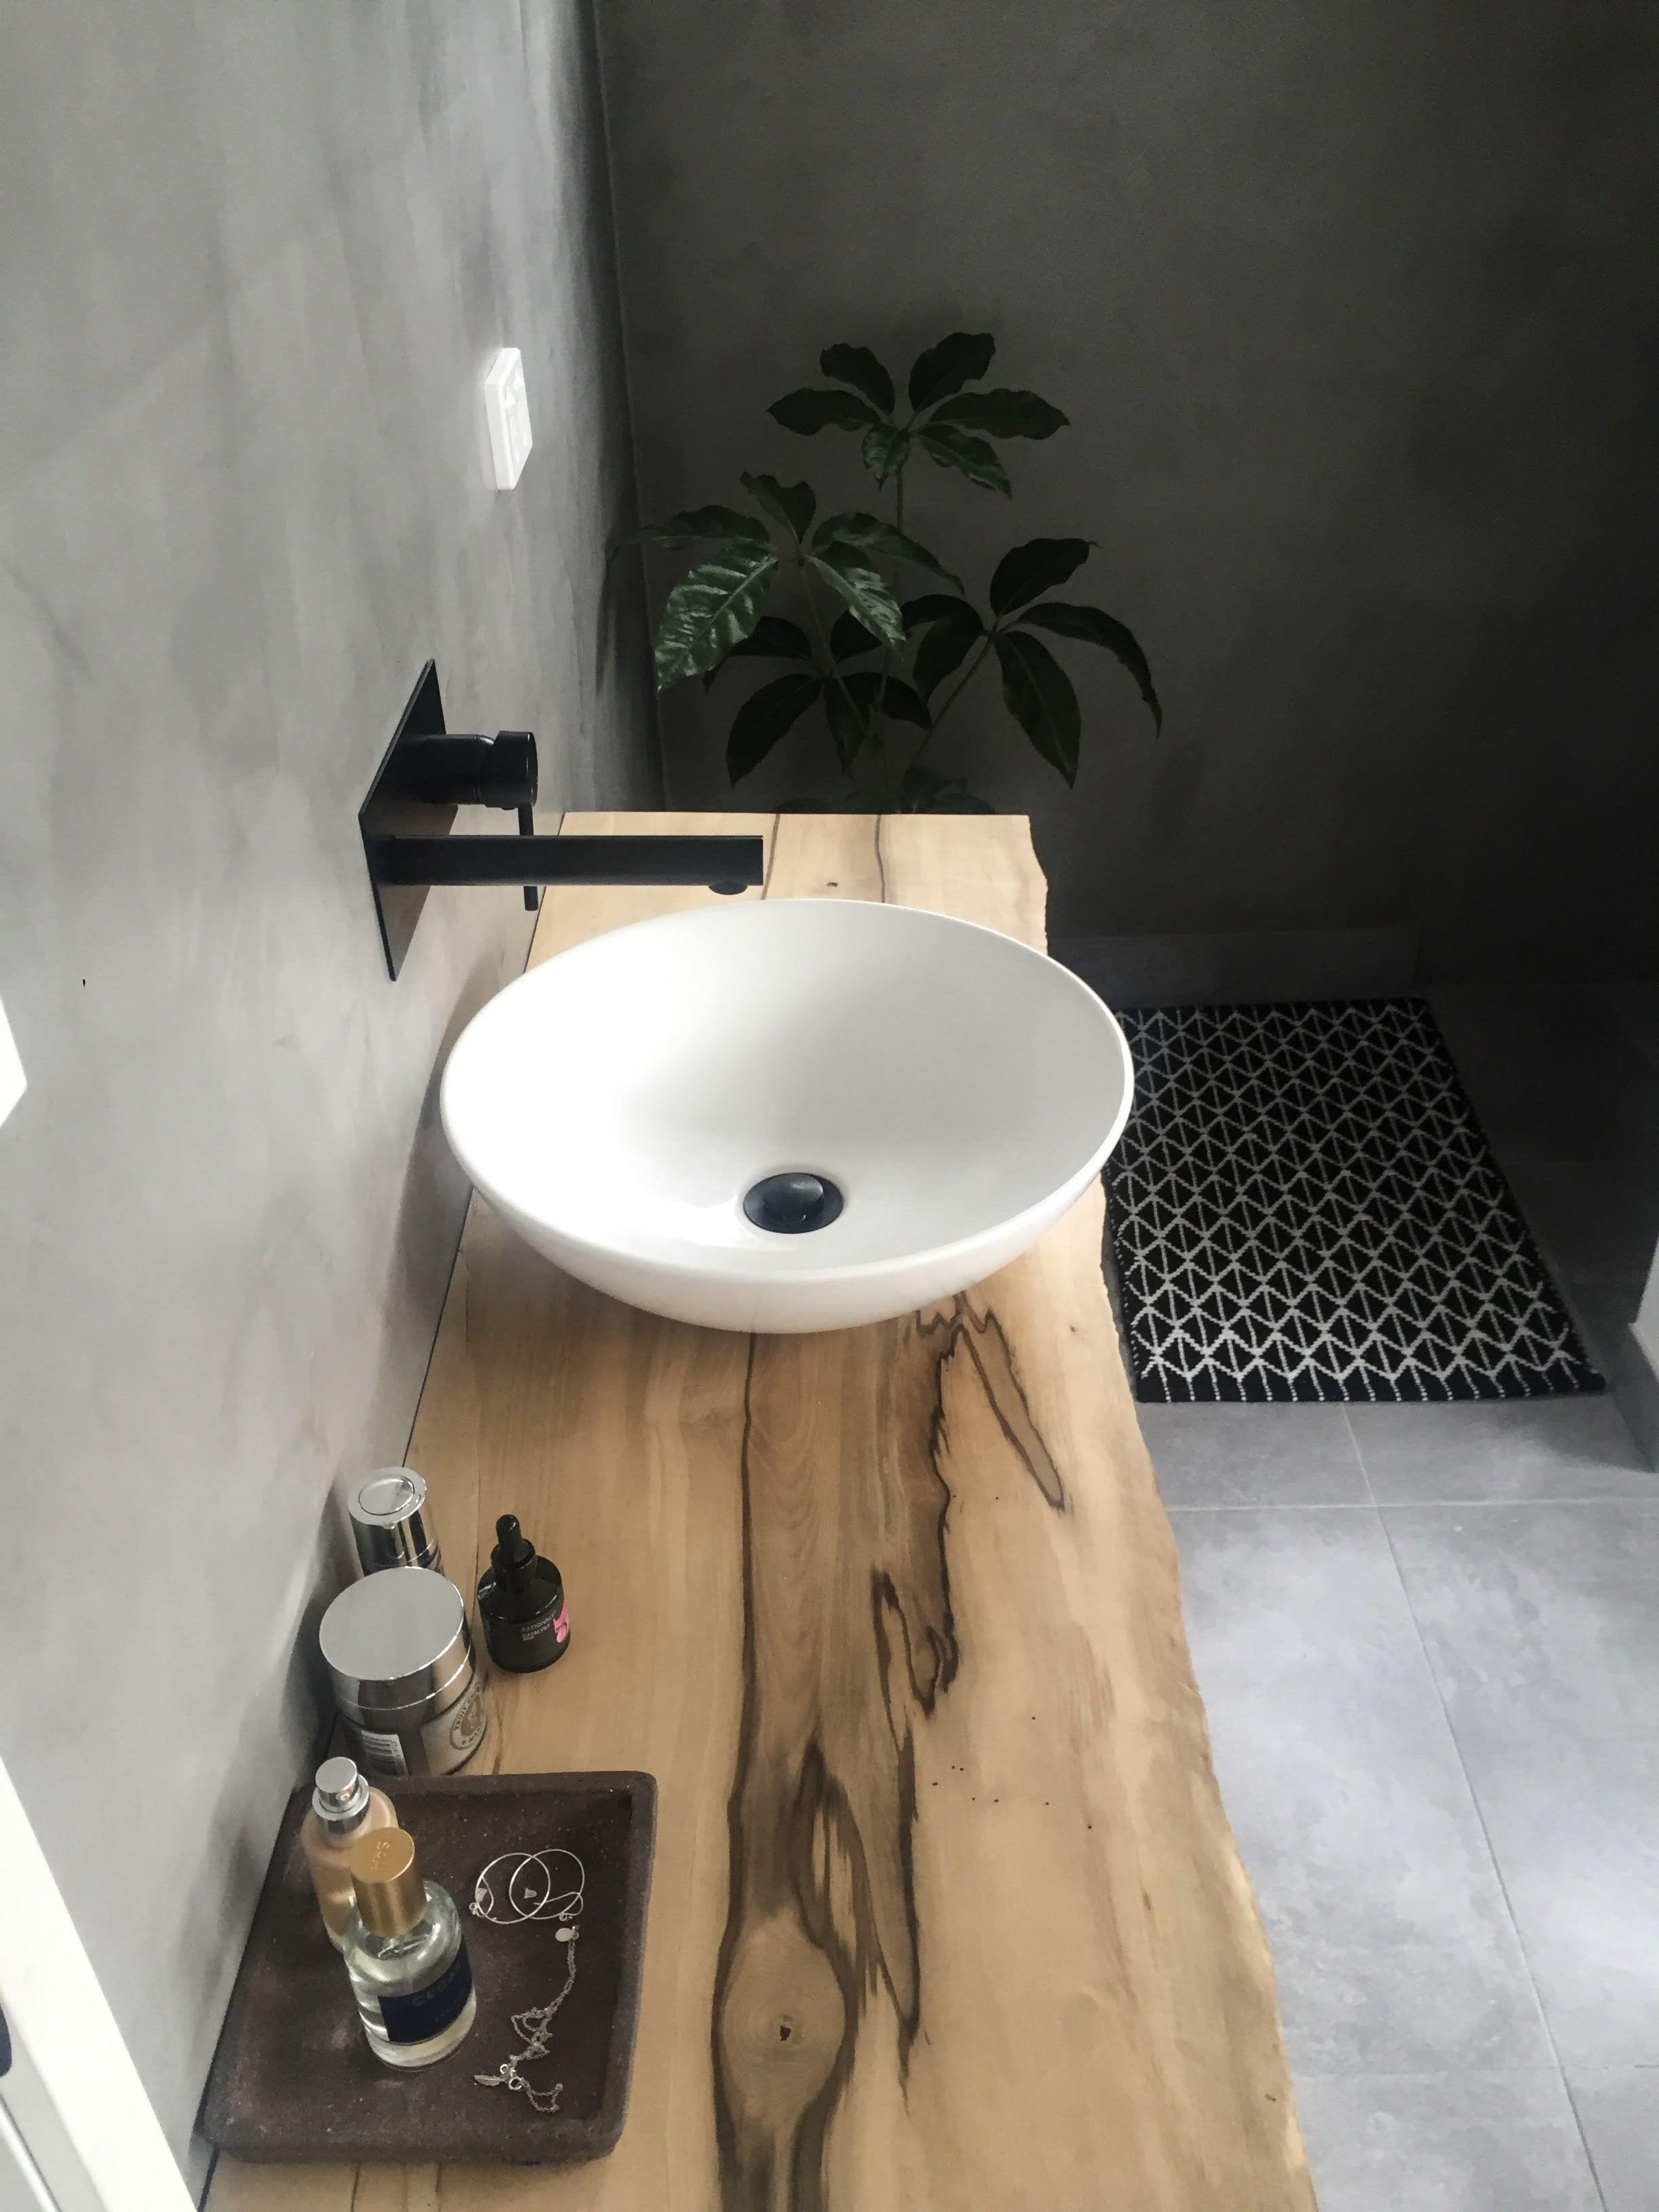 Echtholz Waschtischkonsole Mit Aufsatzbecken Und Wandarmatur In Schwarz Banheiros Incriveis Lavanderia No Banheiro